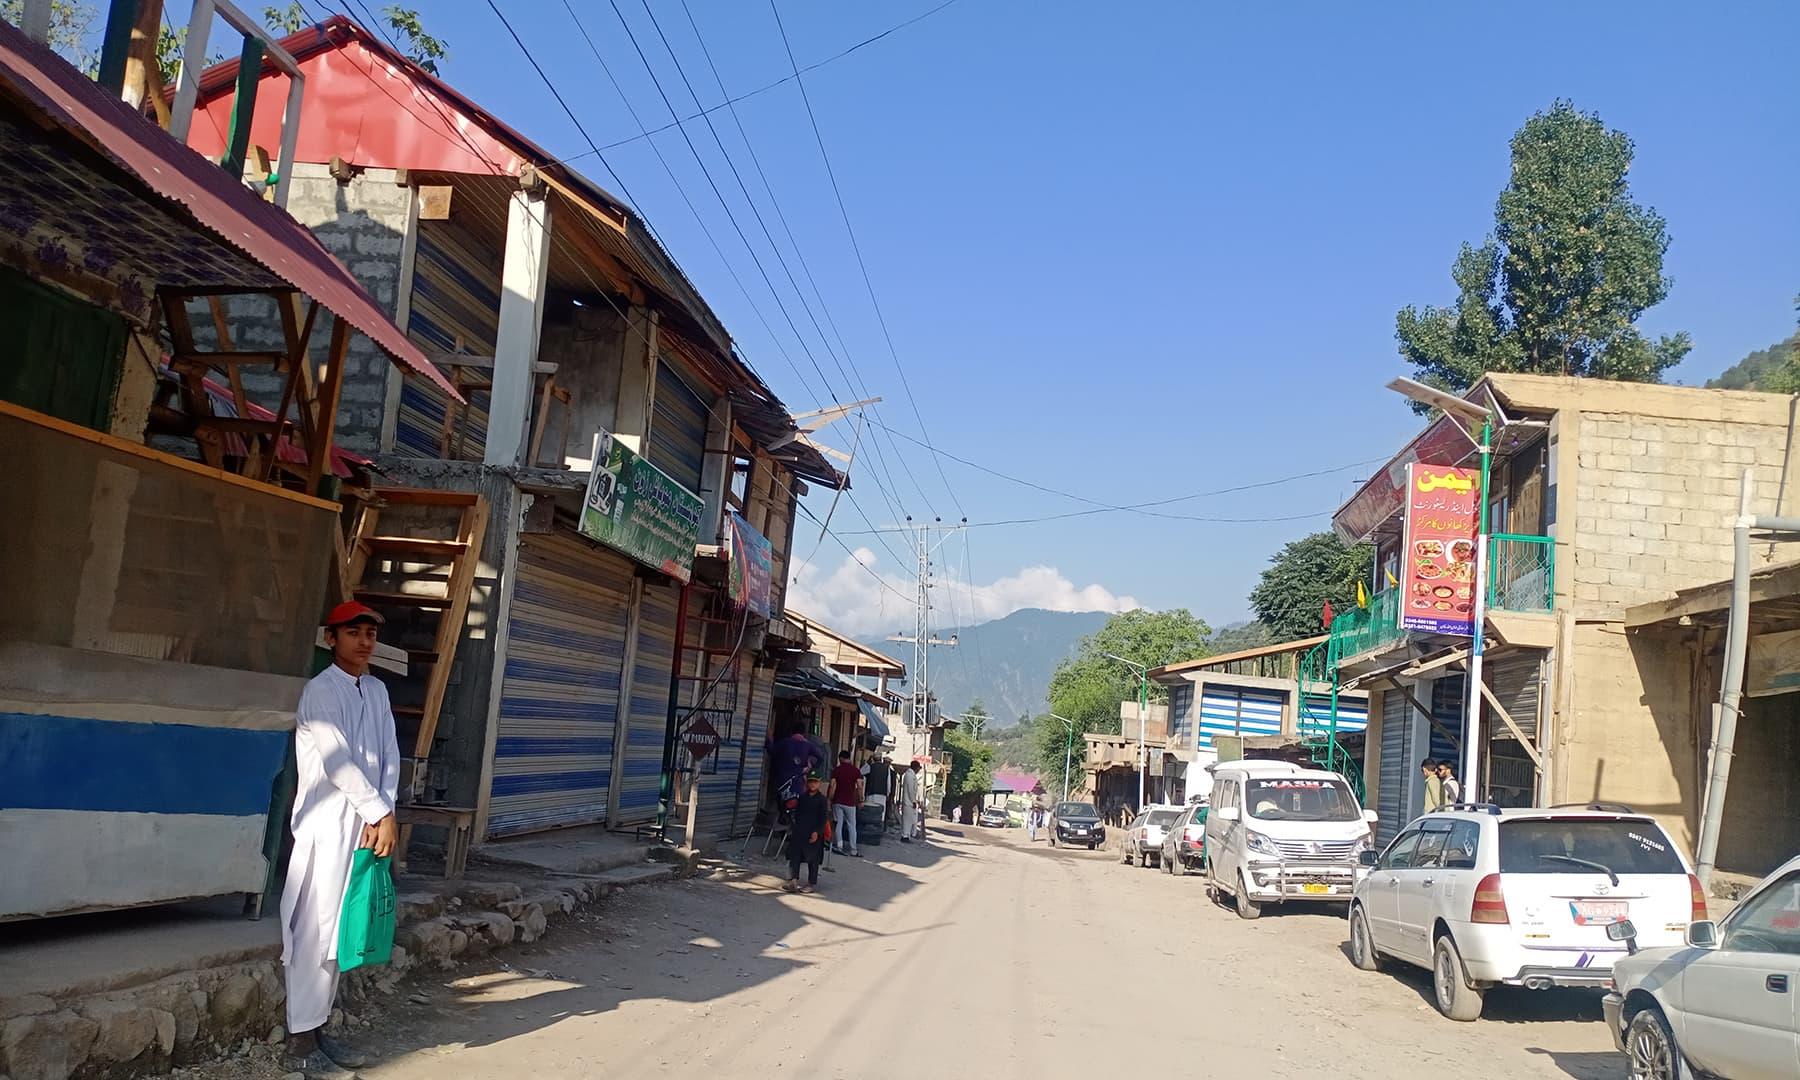 وادئ شندور تک پہنچنے کے لیے ہمیں دیر کوہستان کے قصبے 'بیاڑ' پہنچنا تھا—عظمت اکبر